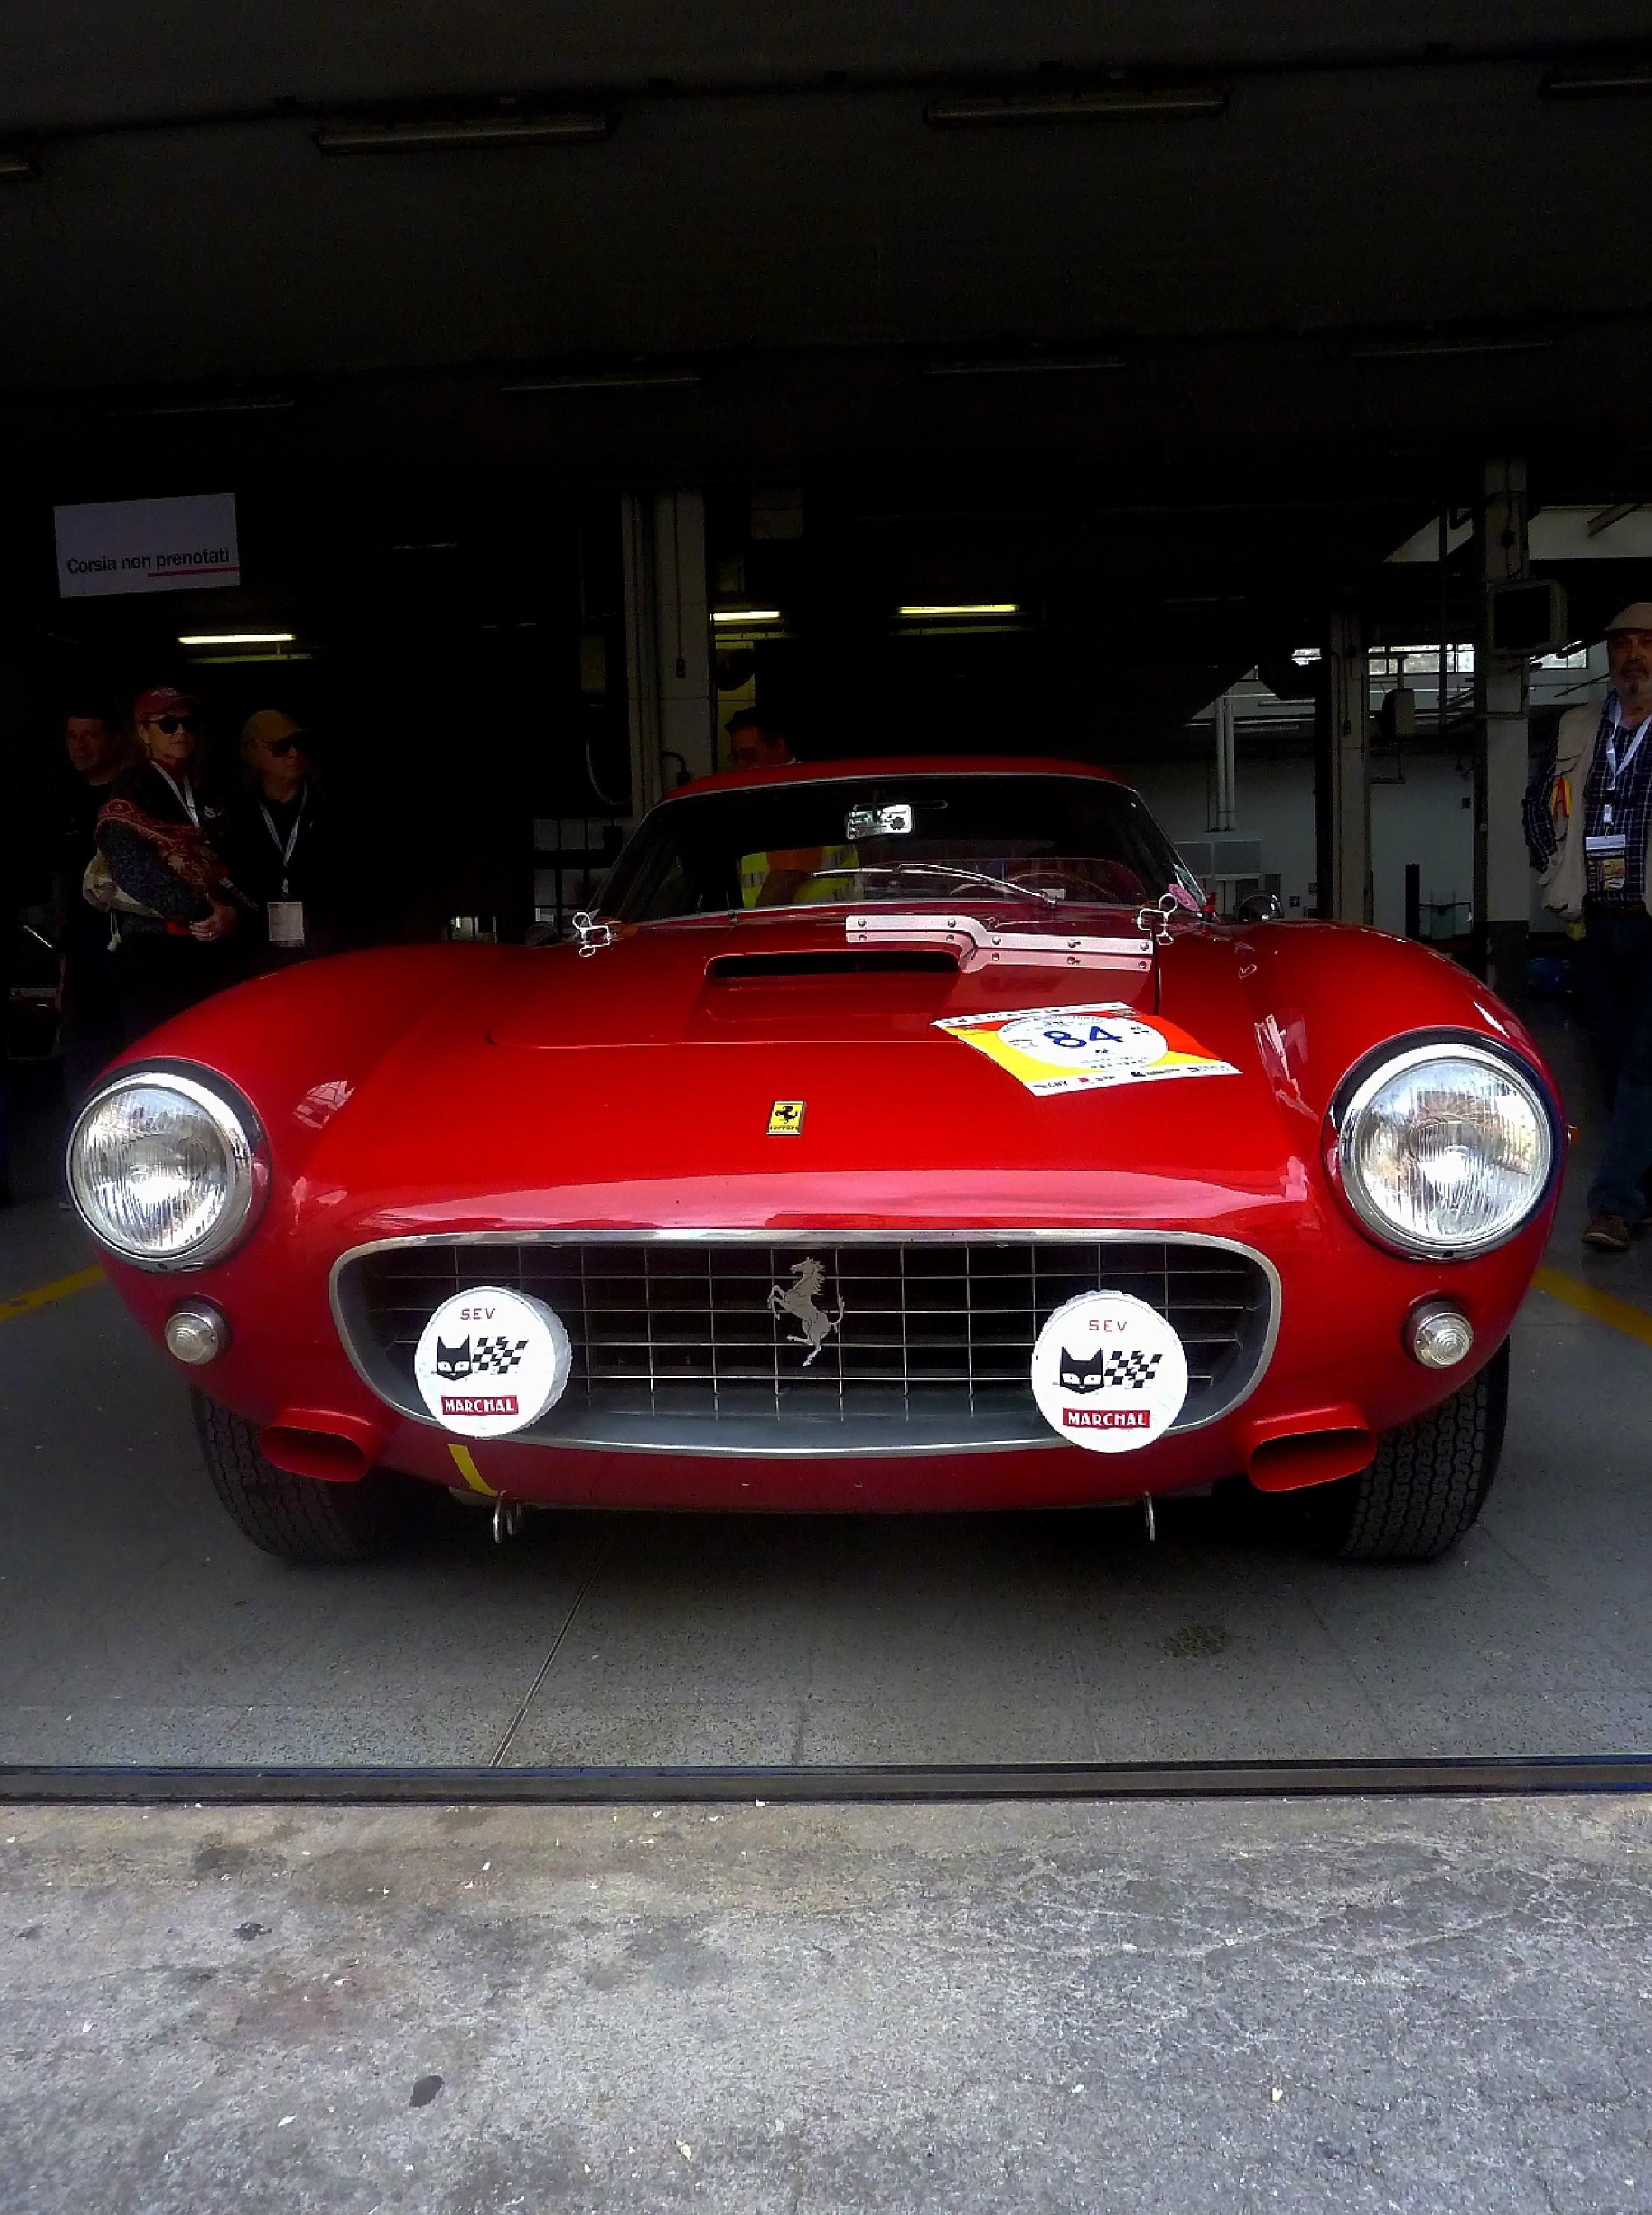 1961 Ferrari 250 GT SWB #2701 (82)_filtered